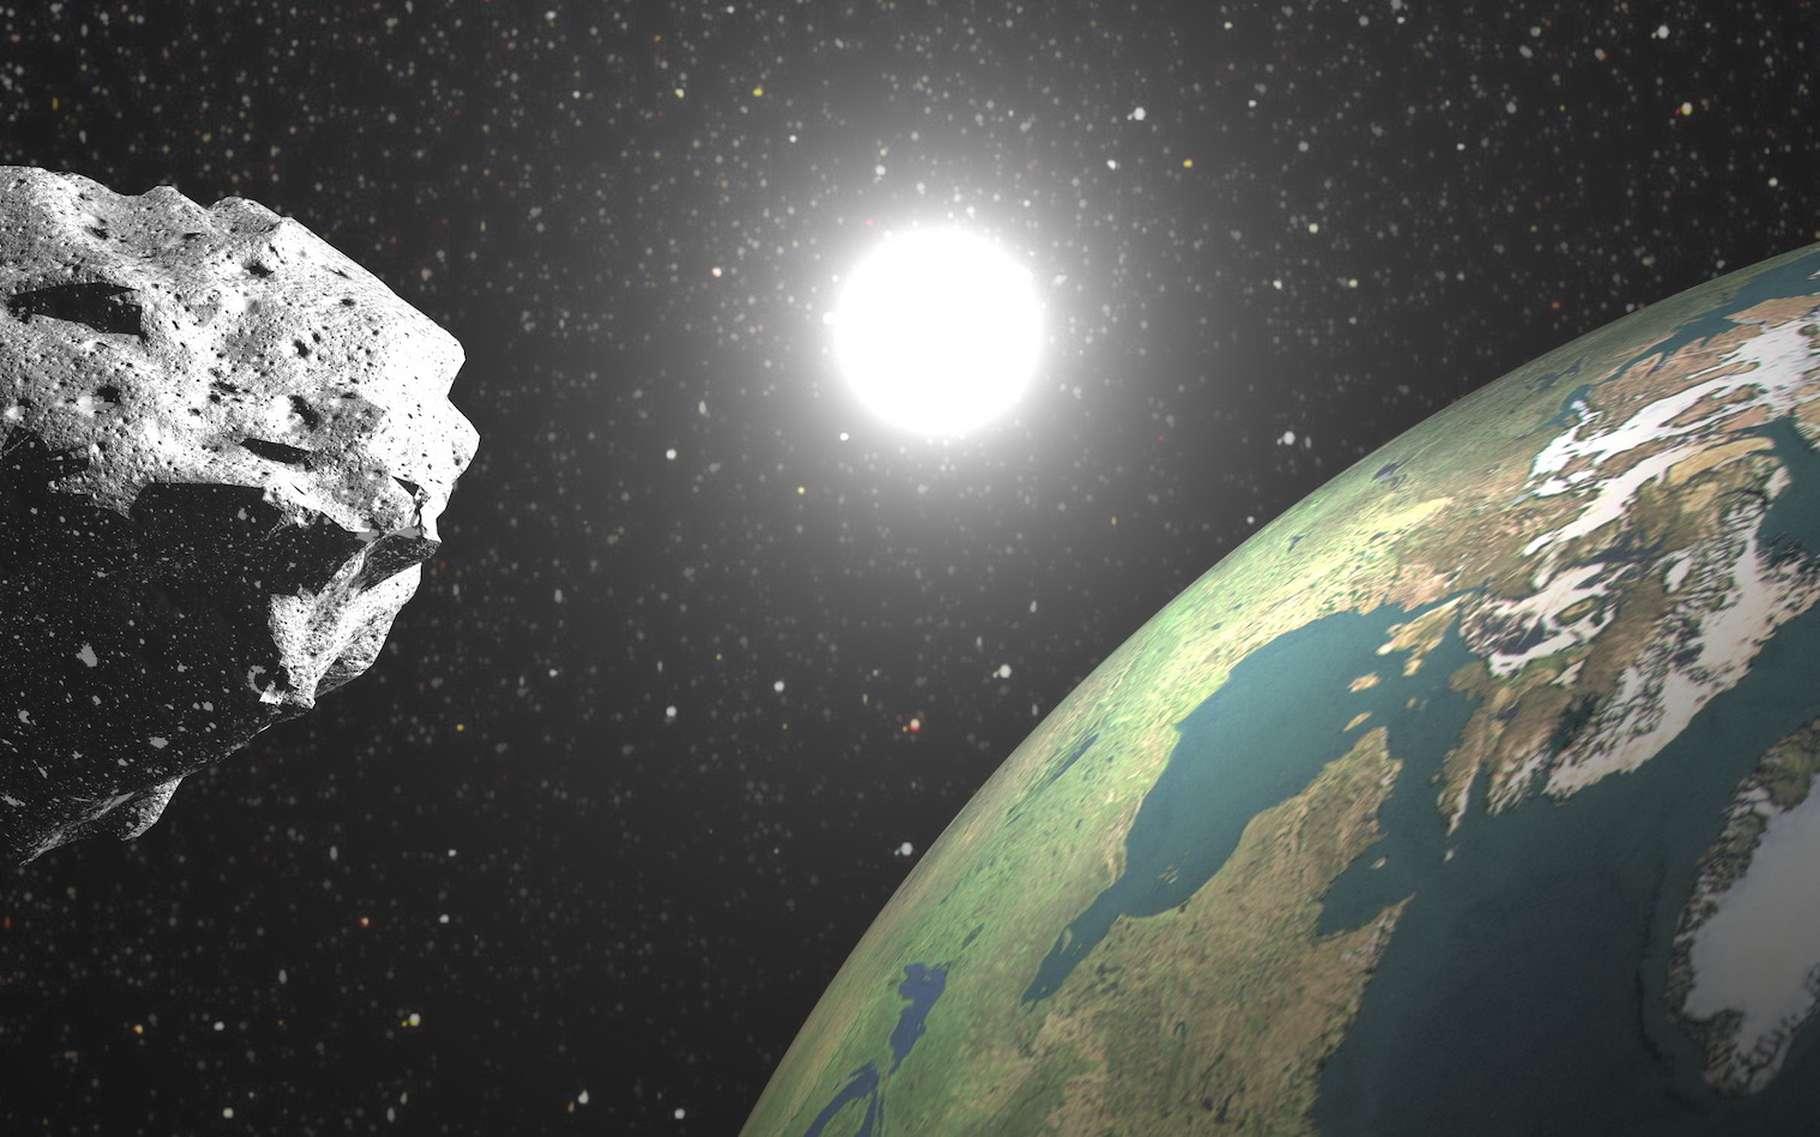 Les chercheurs surveillent la course de nombreux astéroïdes géocroiseurs. Une tâche délicate. Mais des astronomes de l'université de Leiden (Pays-Bas) pensent avoir mis au point une méthode plus efficace que jamais. © Elenarts, Adobe Stock